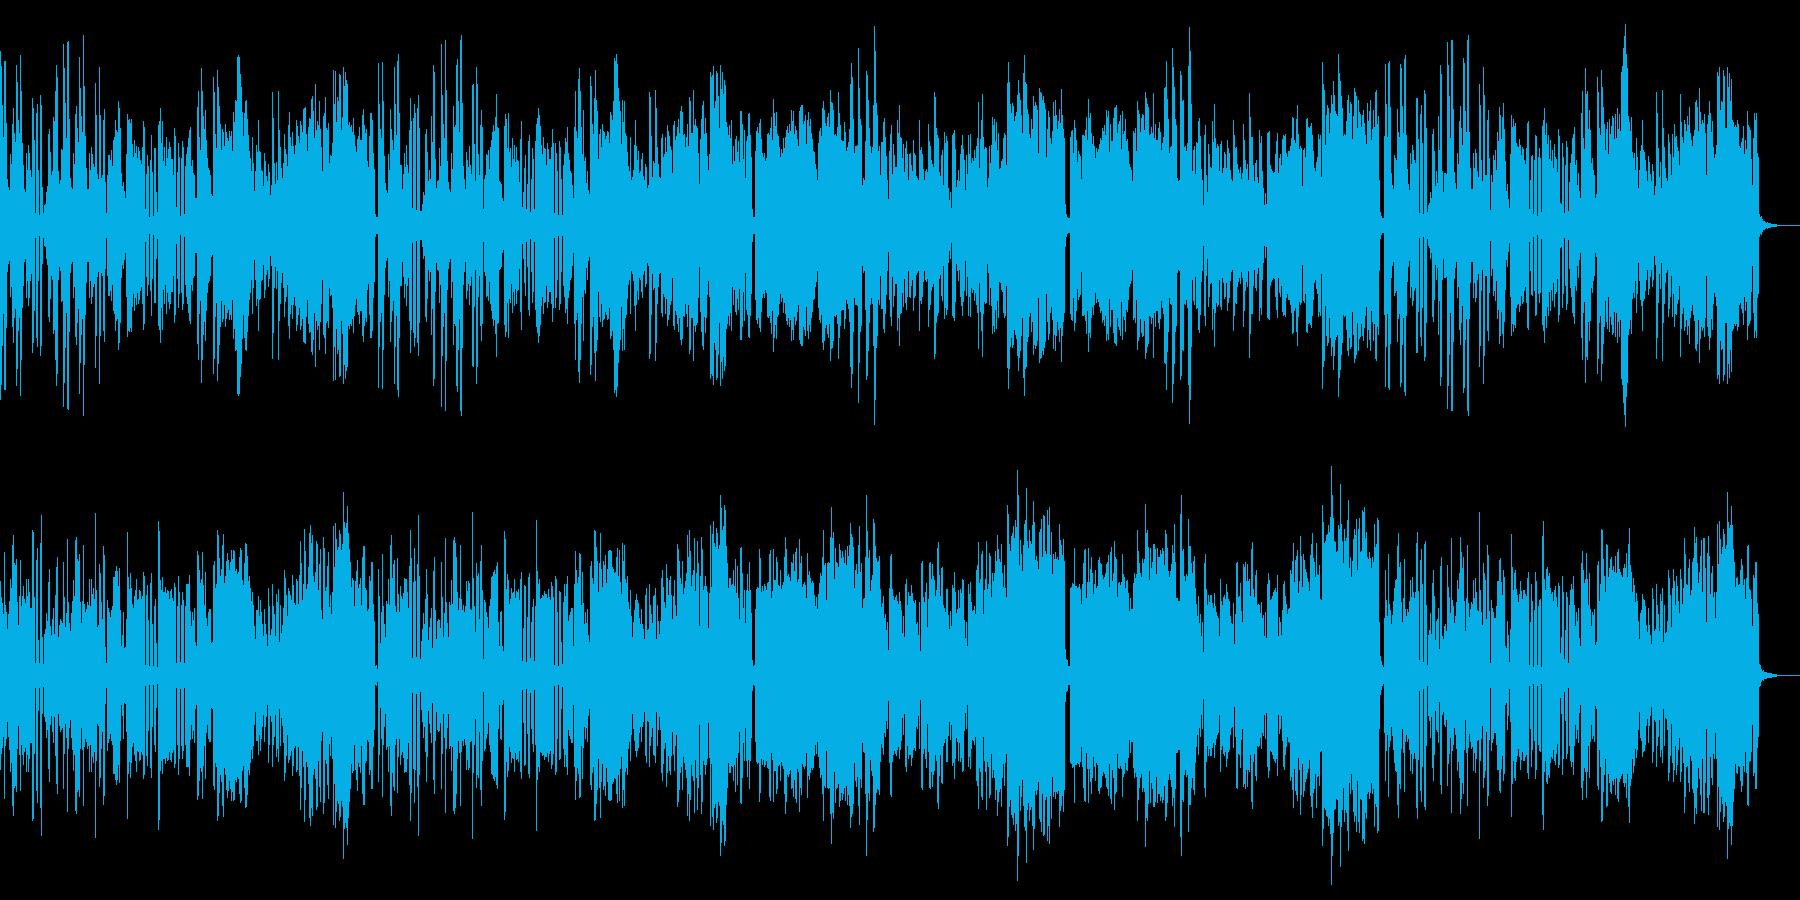 ピアノとフルート室内楽風ほのぼのポップスの再生済みの波形